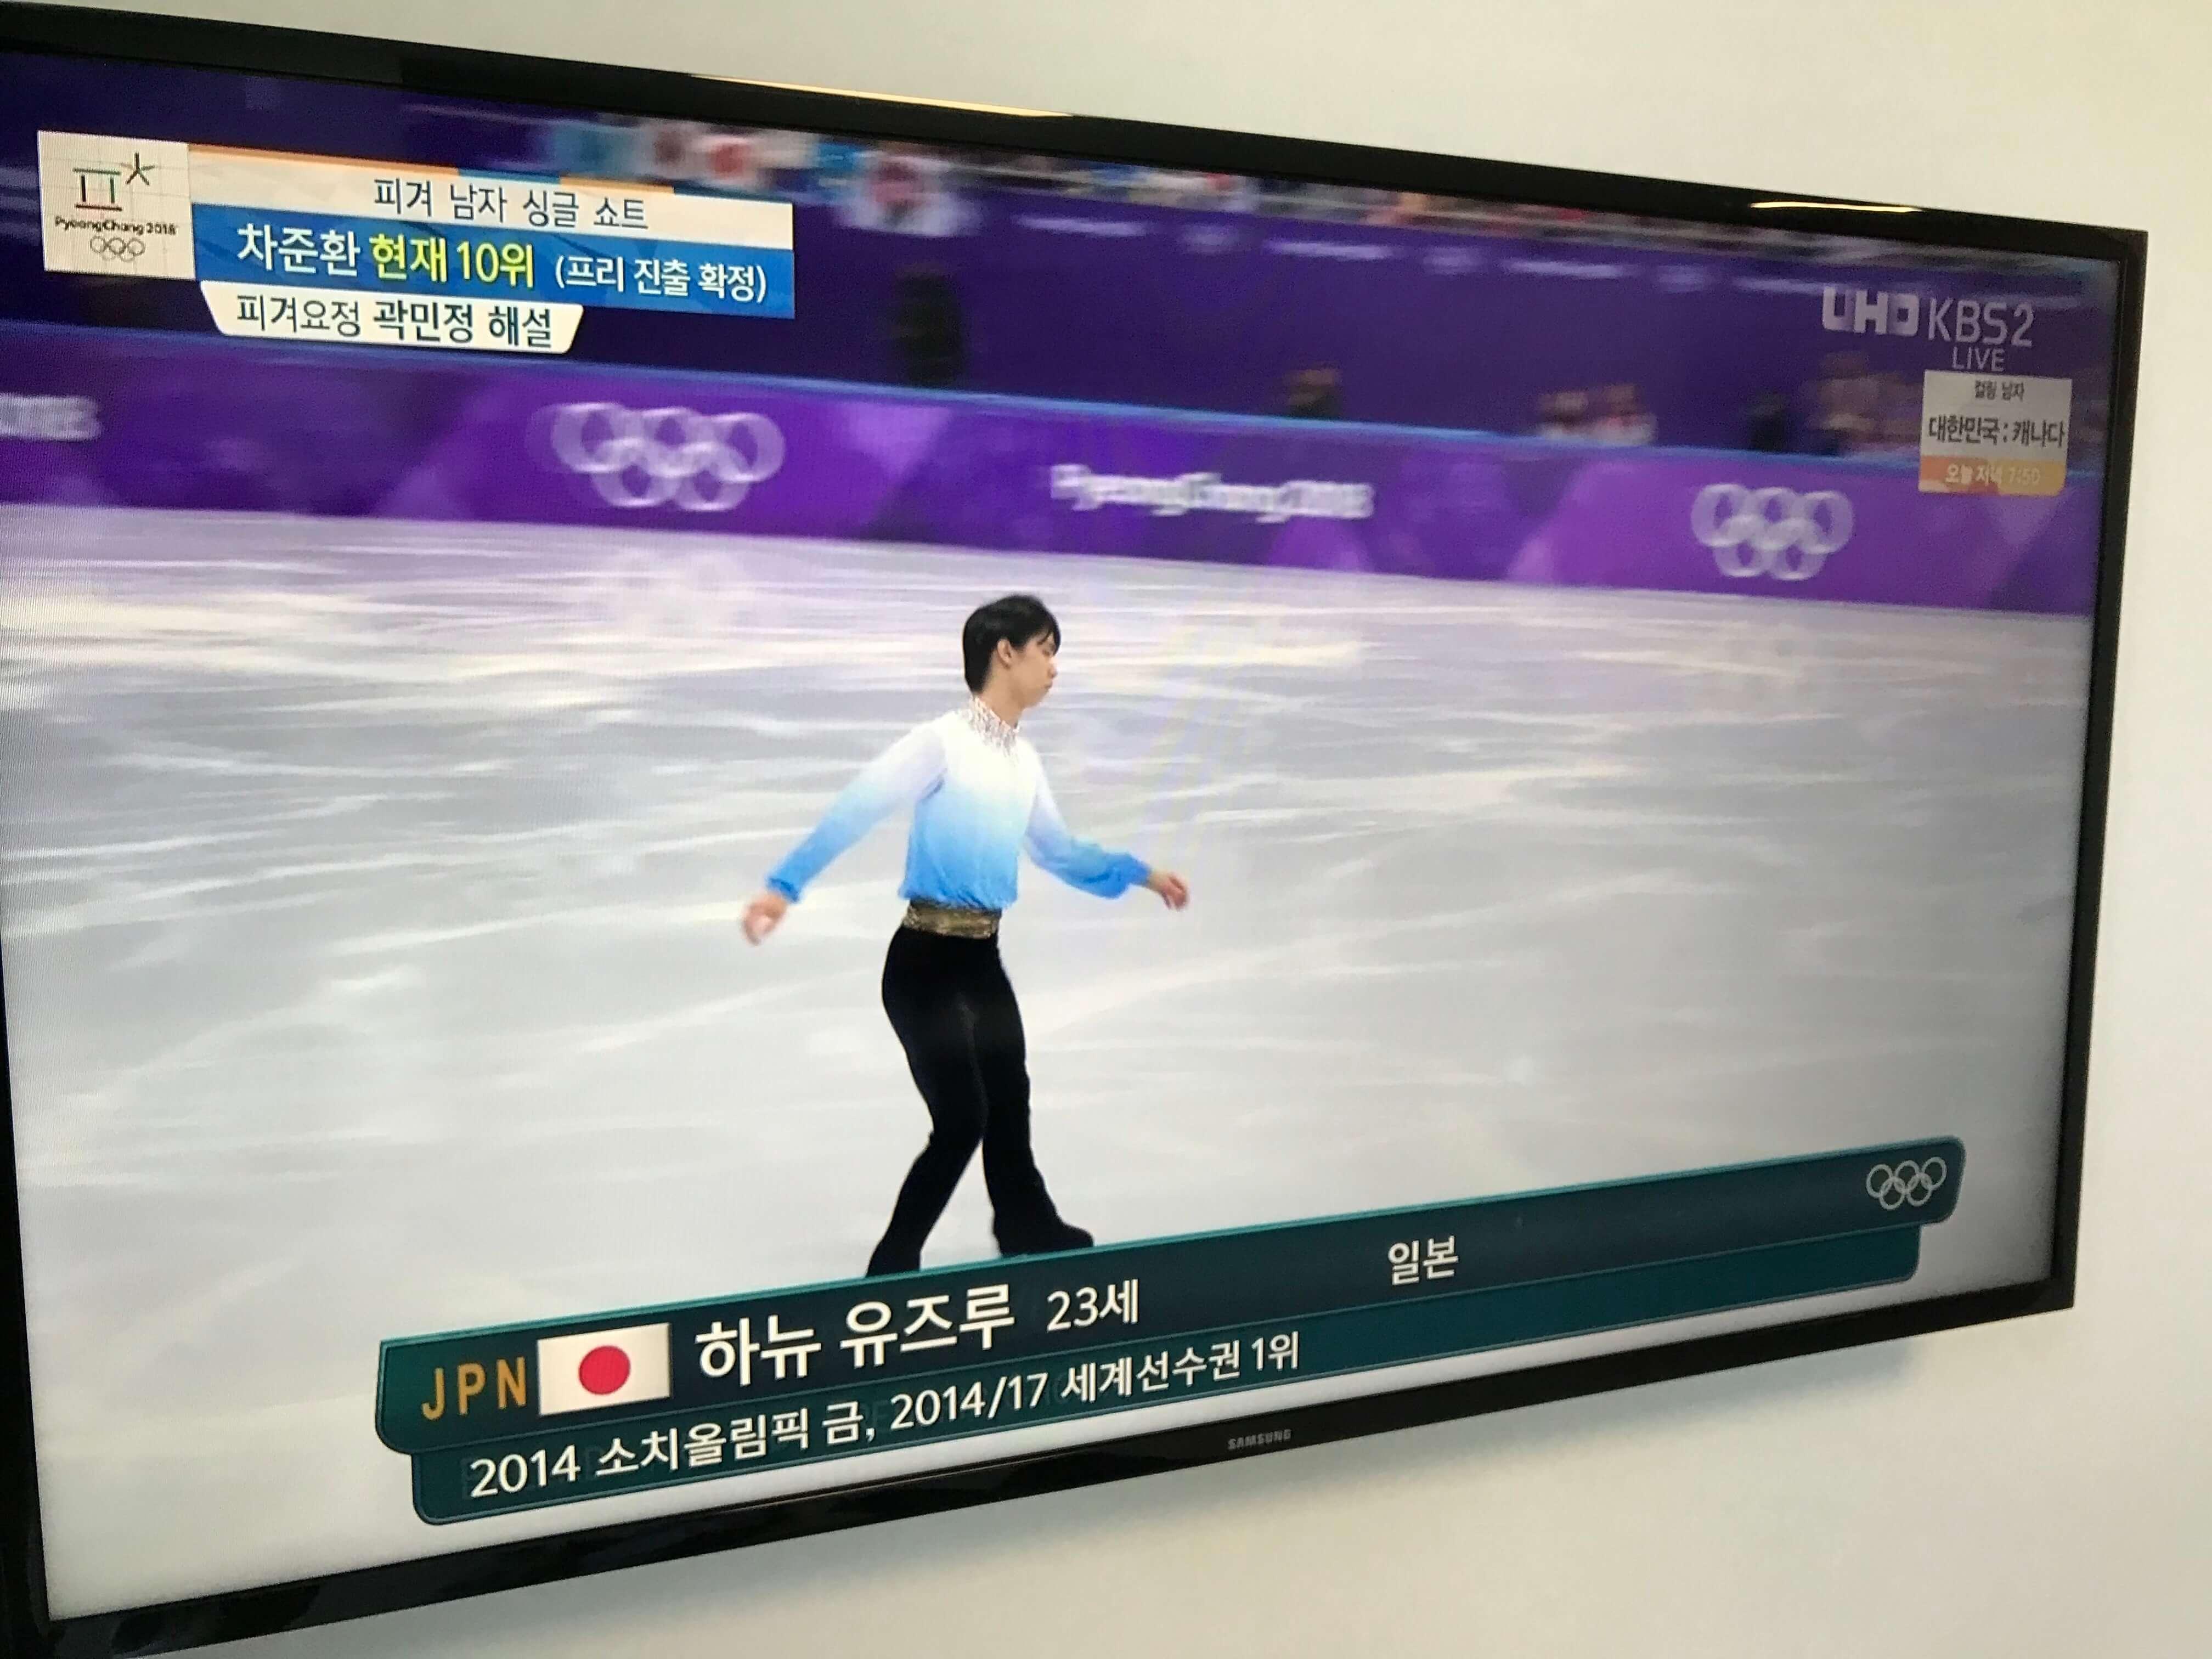 羽生頑張れ!日本現在メダル7個。スキースロープスタイルの日系カナダ人選手